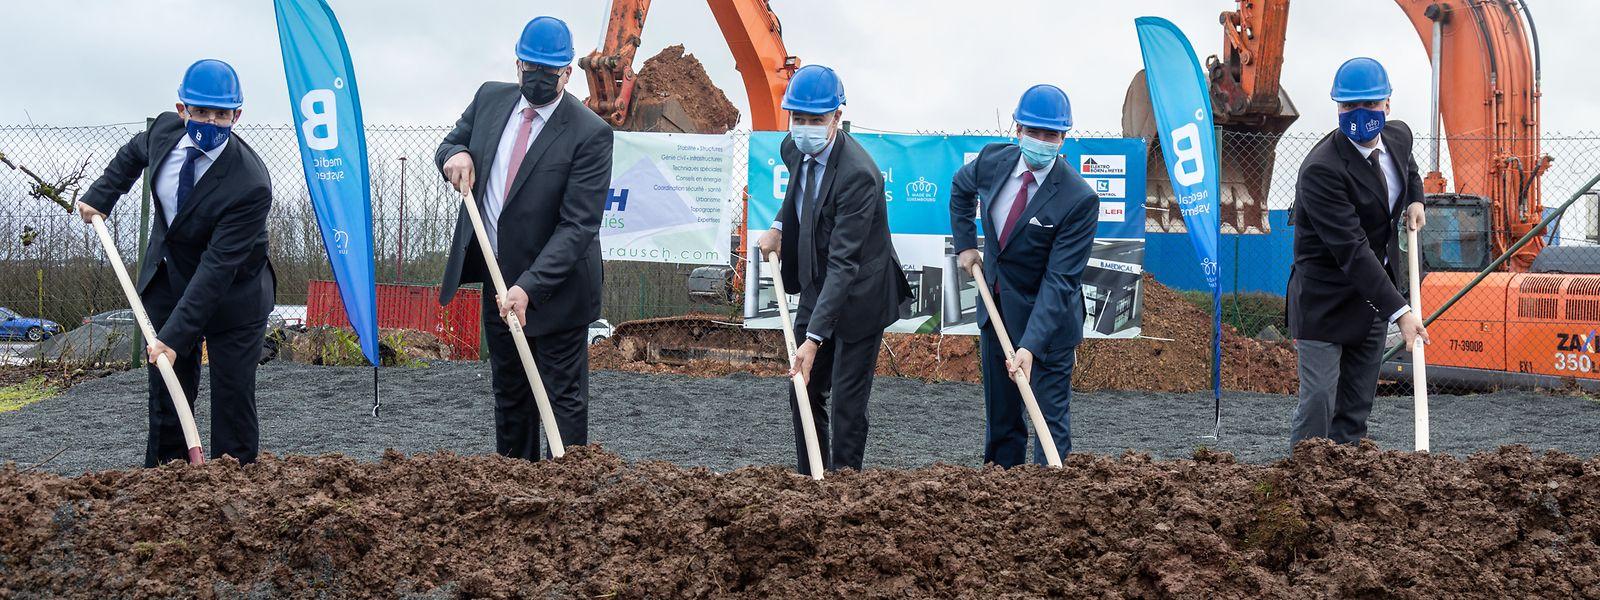 Legen selbst mit Hand an: Erbgroßherzog Guillaume (zweiter von rechts) und Wirtschaftsminister Franz Fayot (Mitte) beim Spatenstich für die Werkserweiterung.